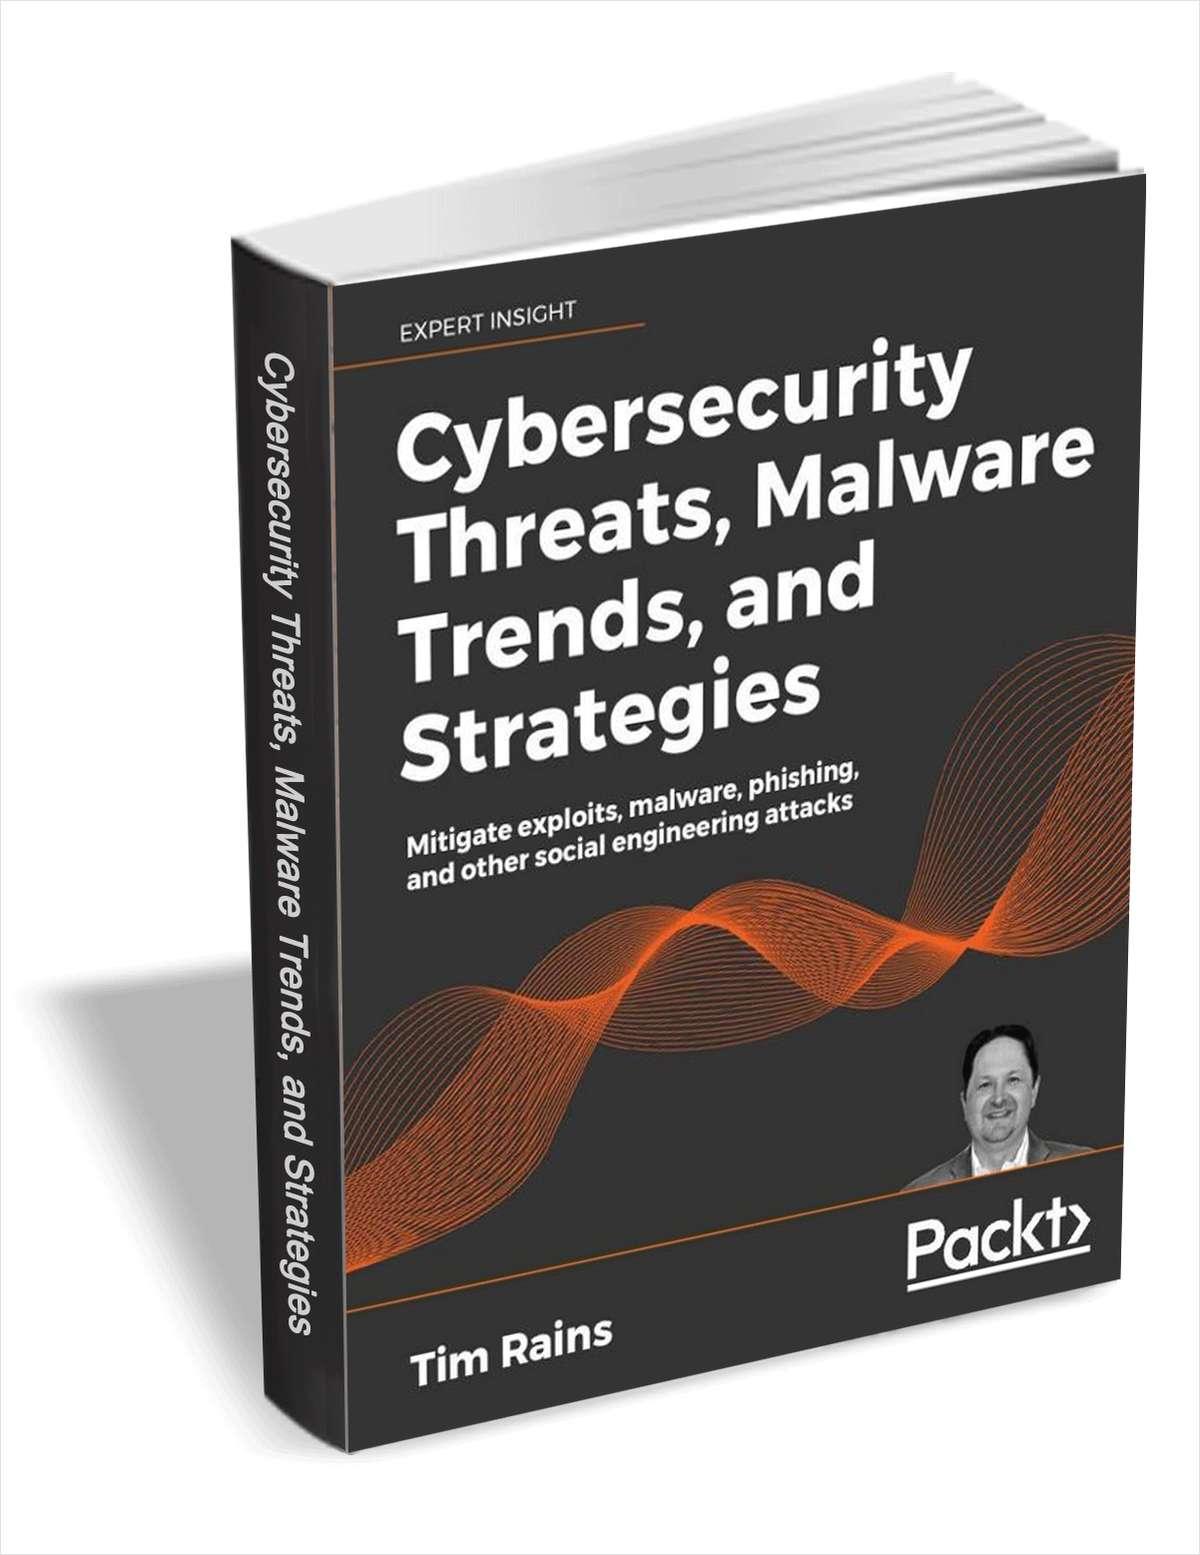 网络安全威胁,恶意软件趋势和策略($22.00价值)有限时间内免费